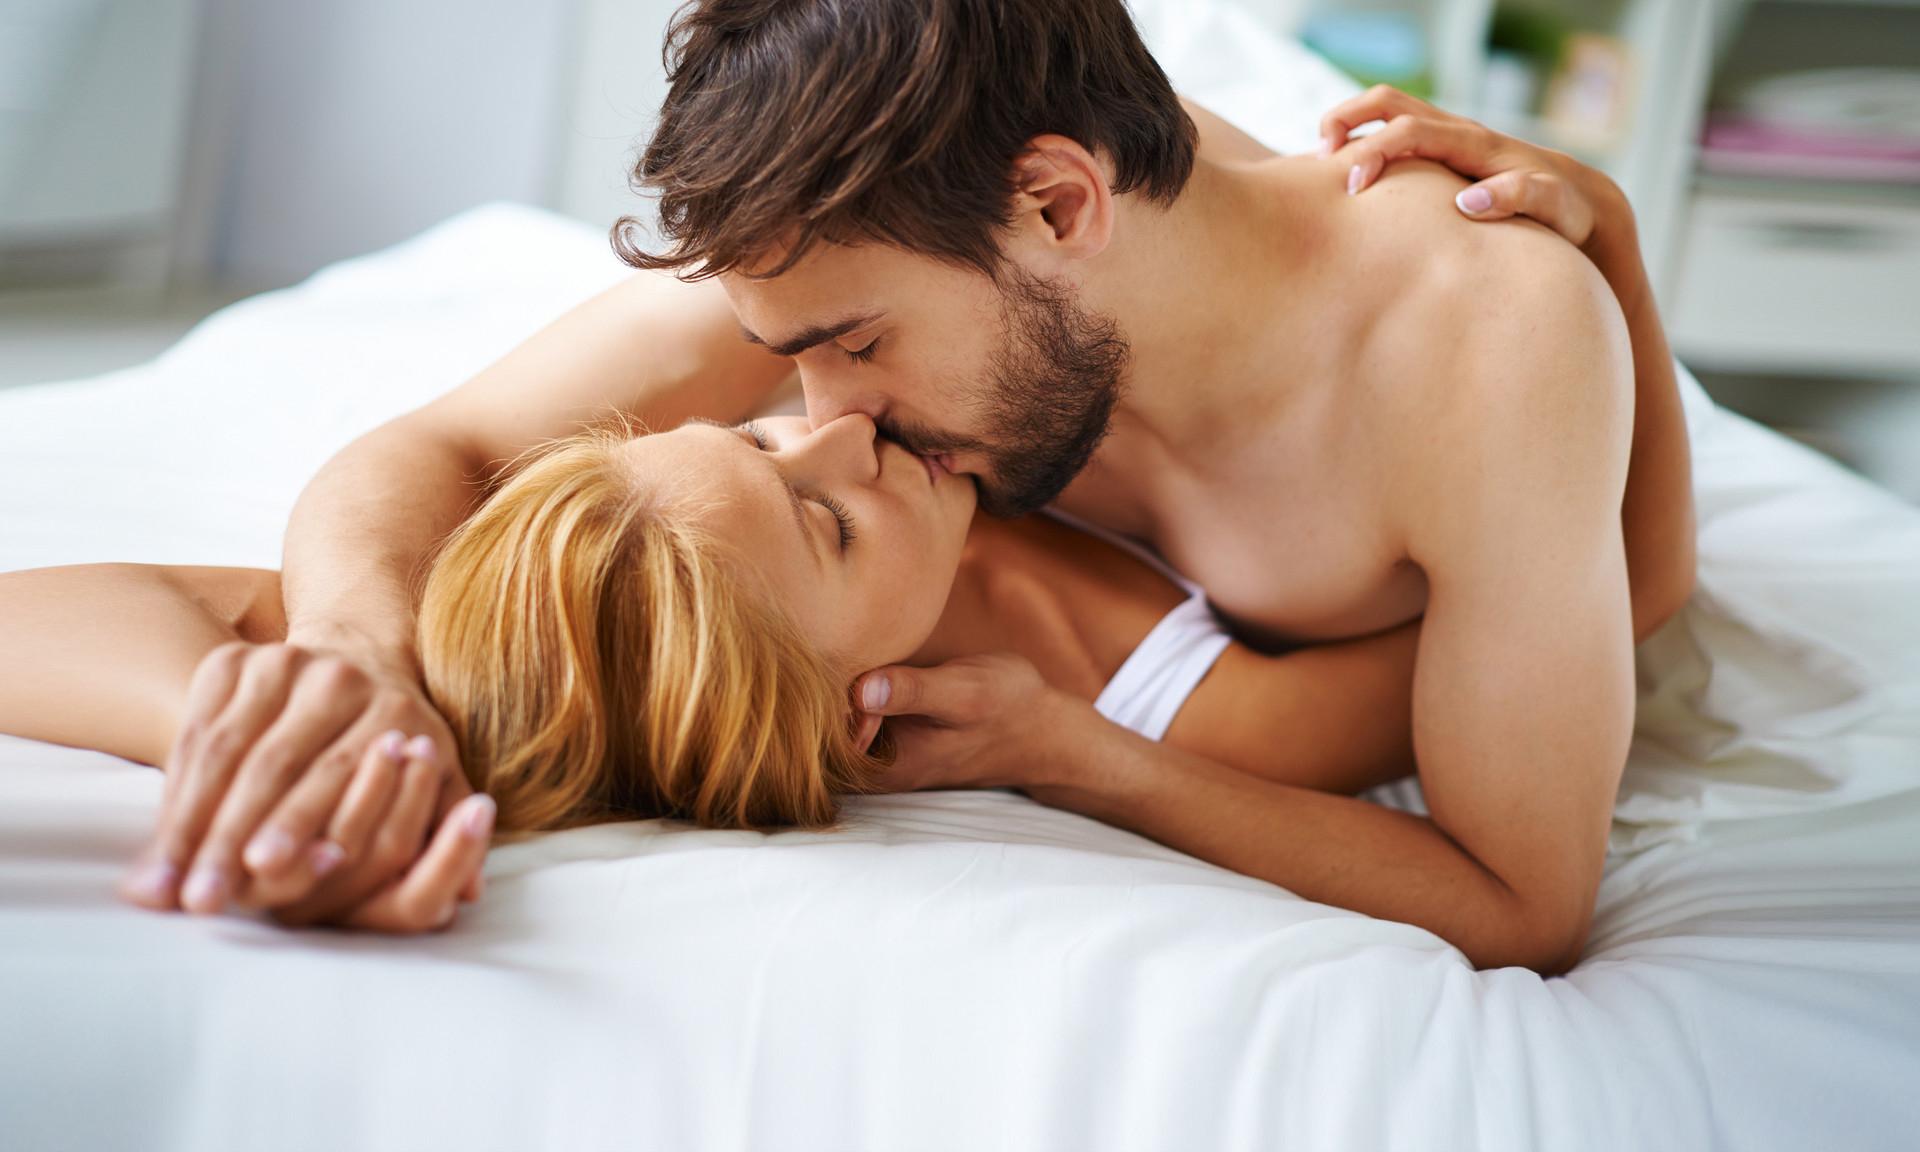 Роскошная Девушка И Черноволосый Мужчина С Щетиной Устраивают Секс На Кровати Смотреть